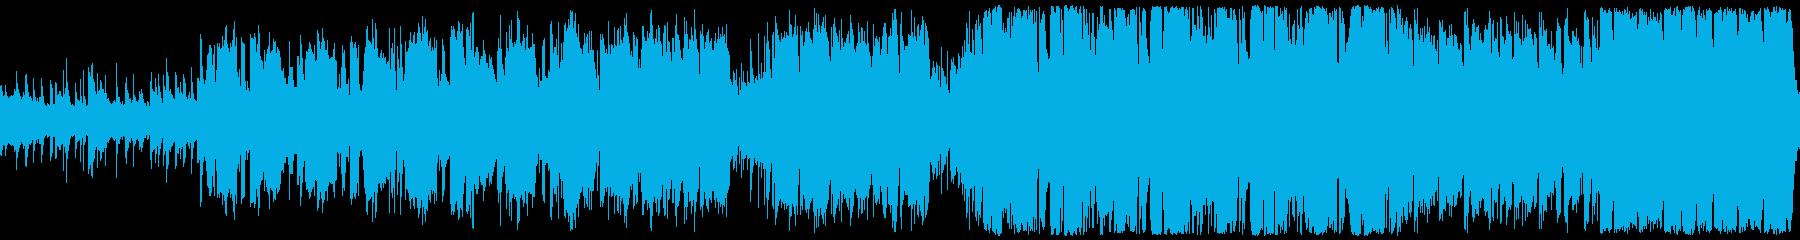 爽やかなほのぼのケルトBGMの再生済みの波形